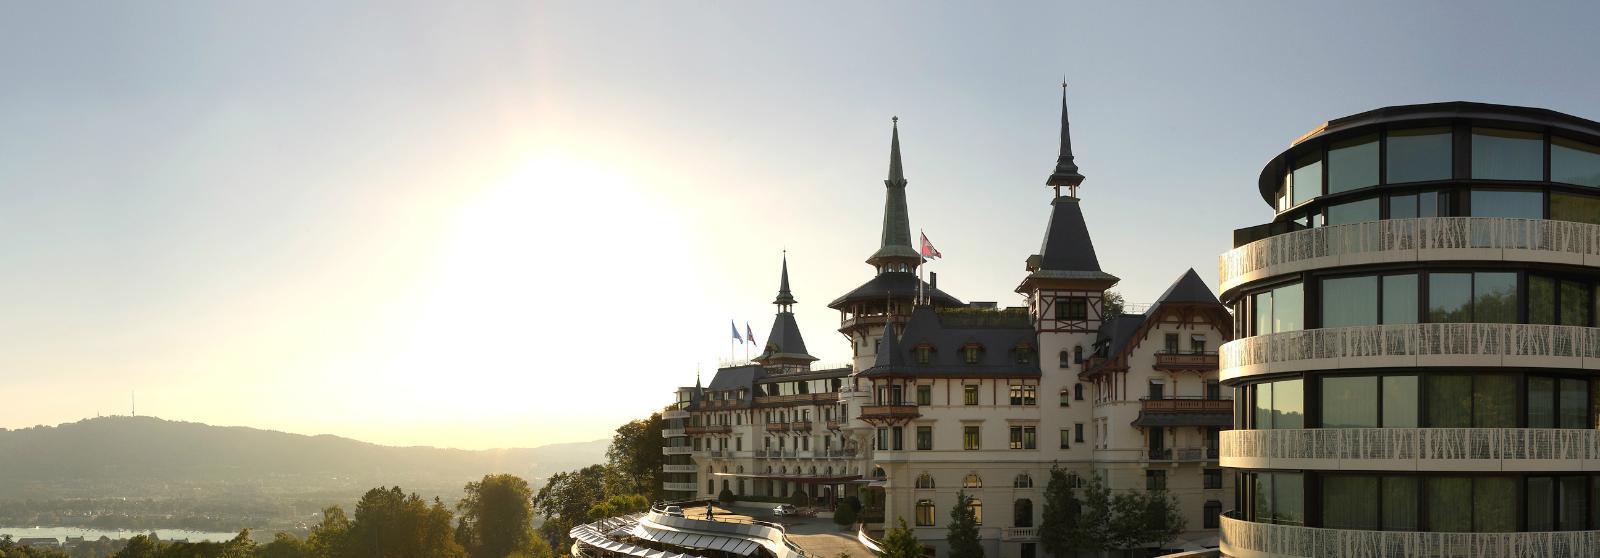 多尔德大酒店(The Dolder Grand)【 苏黎世,瑞士】 酒店  www.lhw.cn